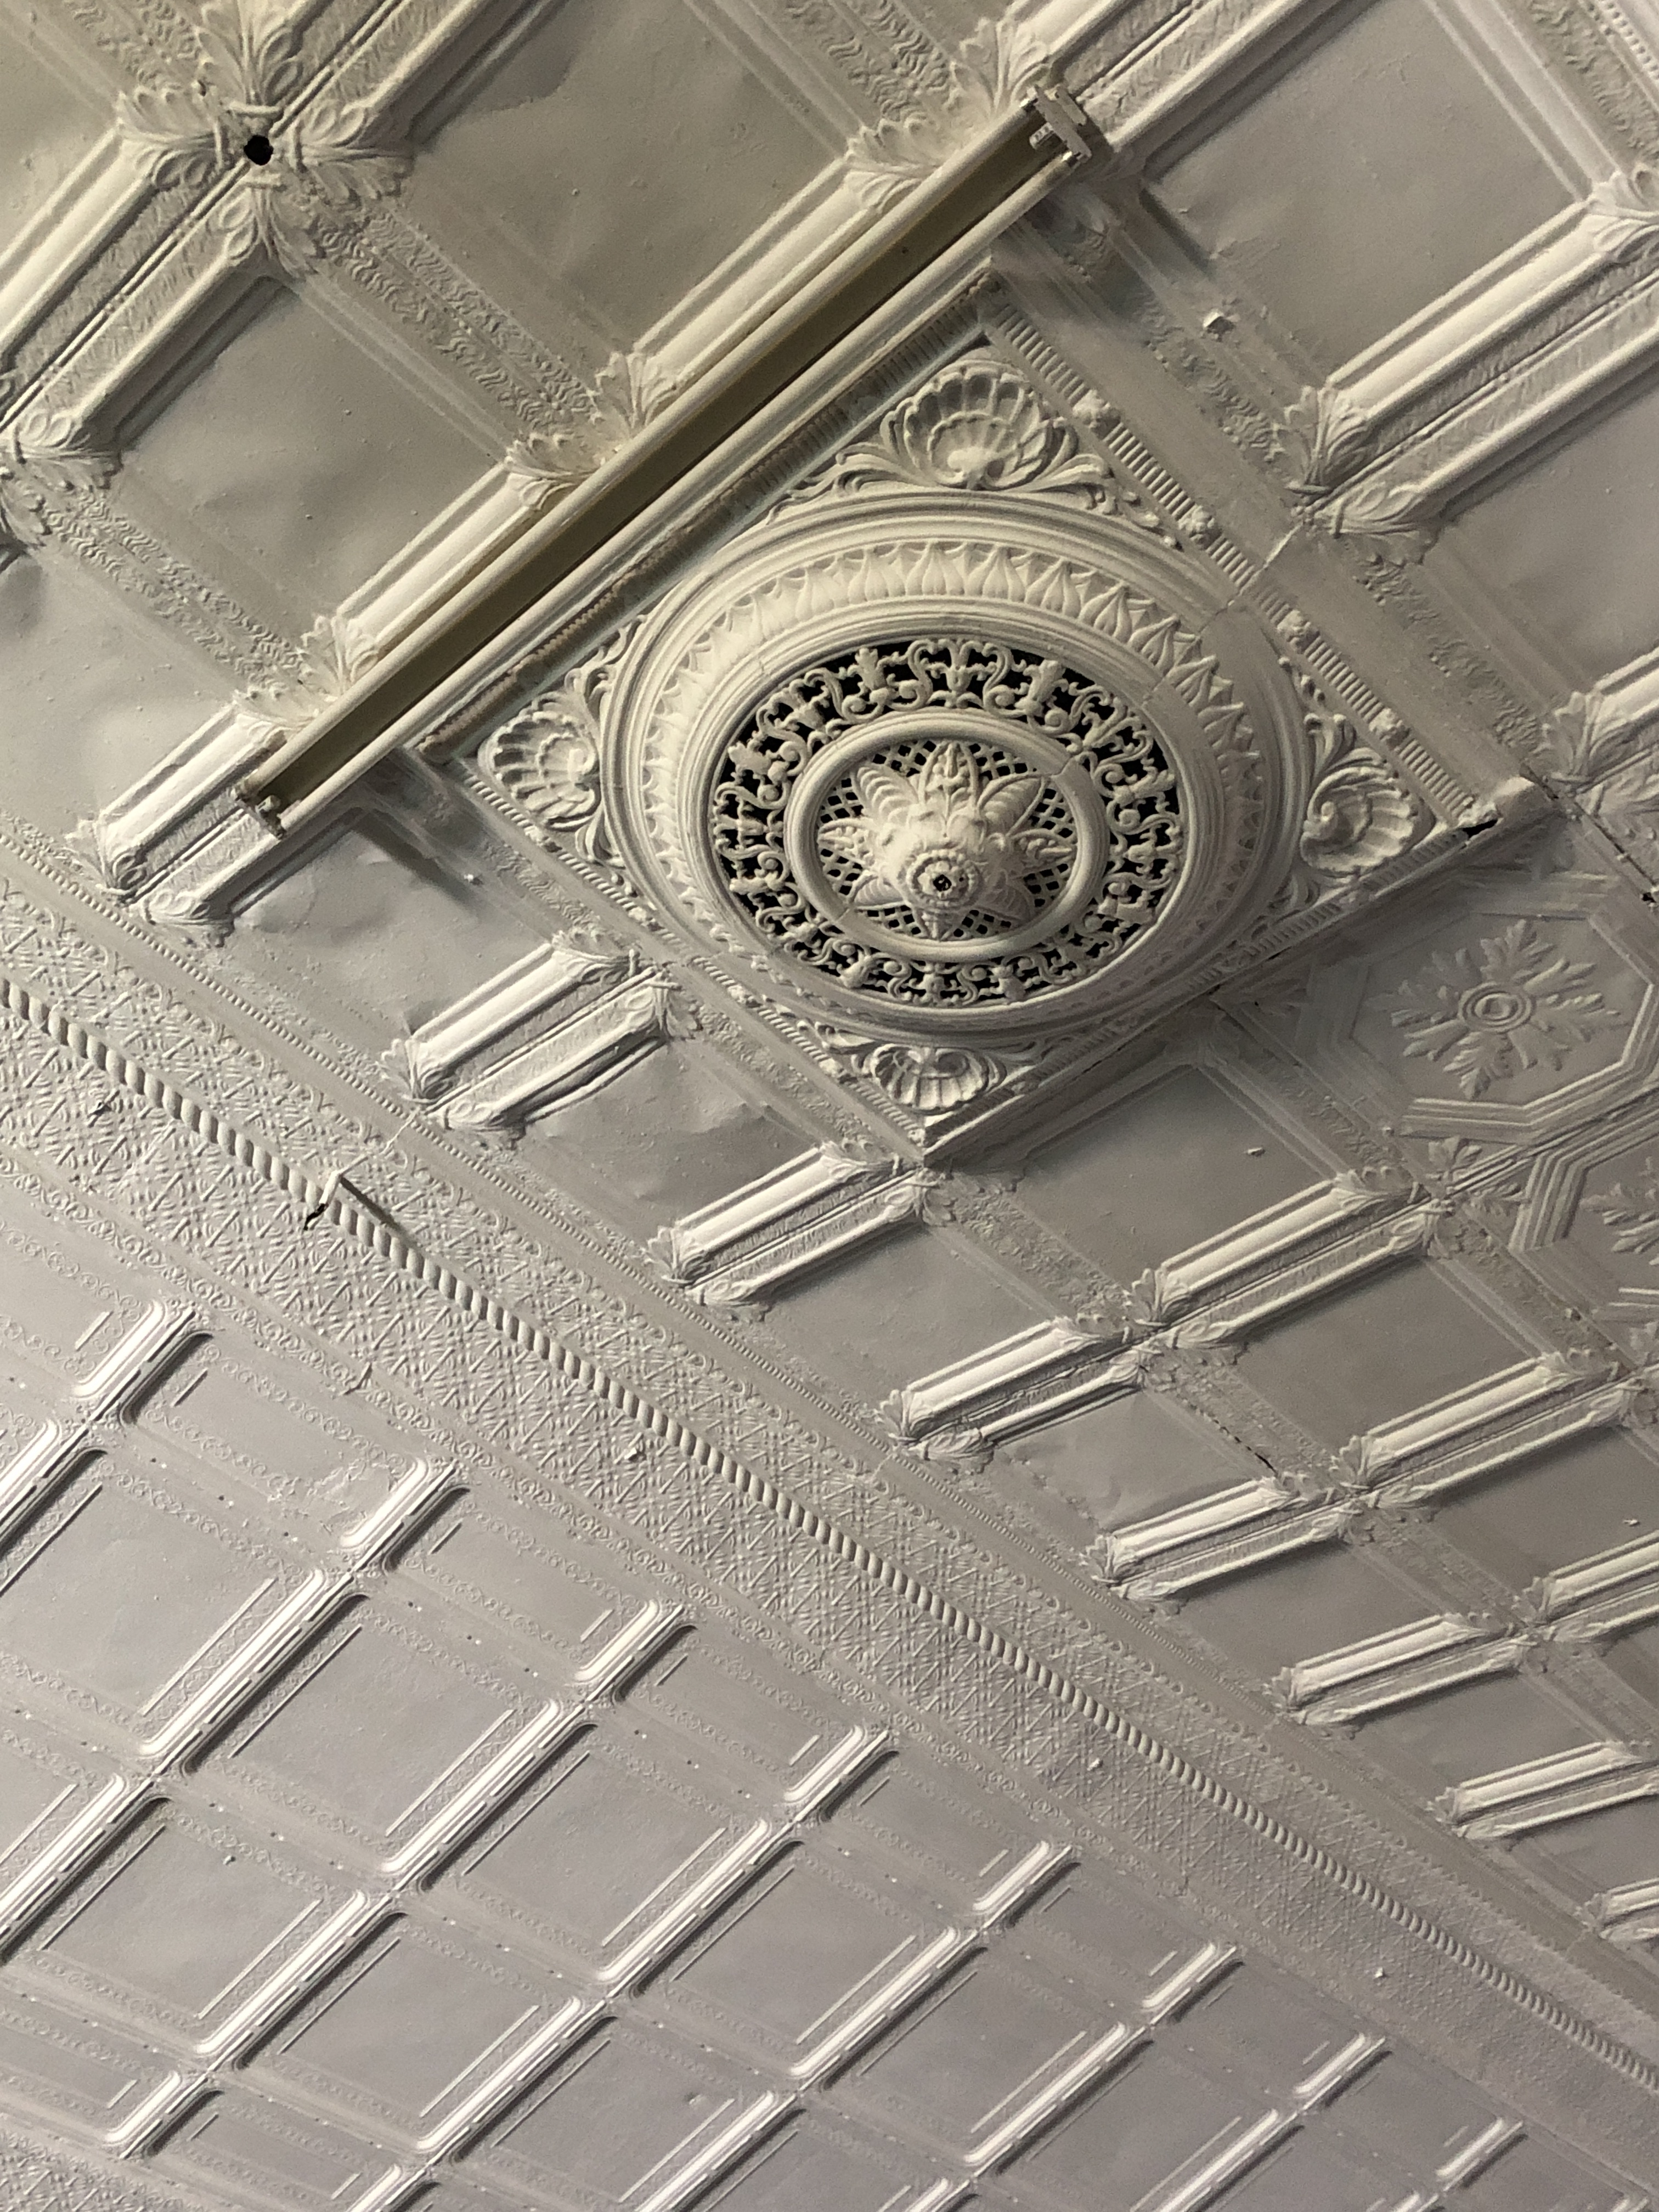 Masonic buildings in Johannesburg | Johannesburg 1912